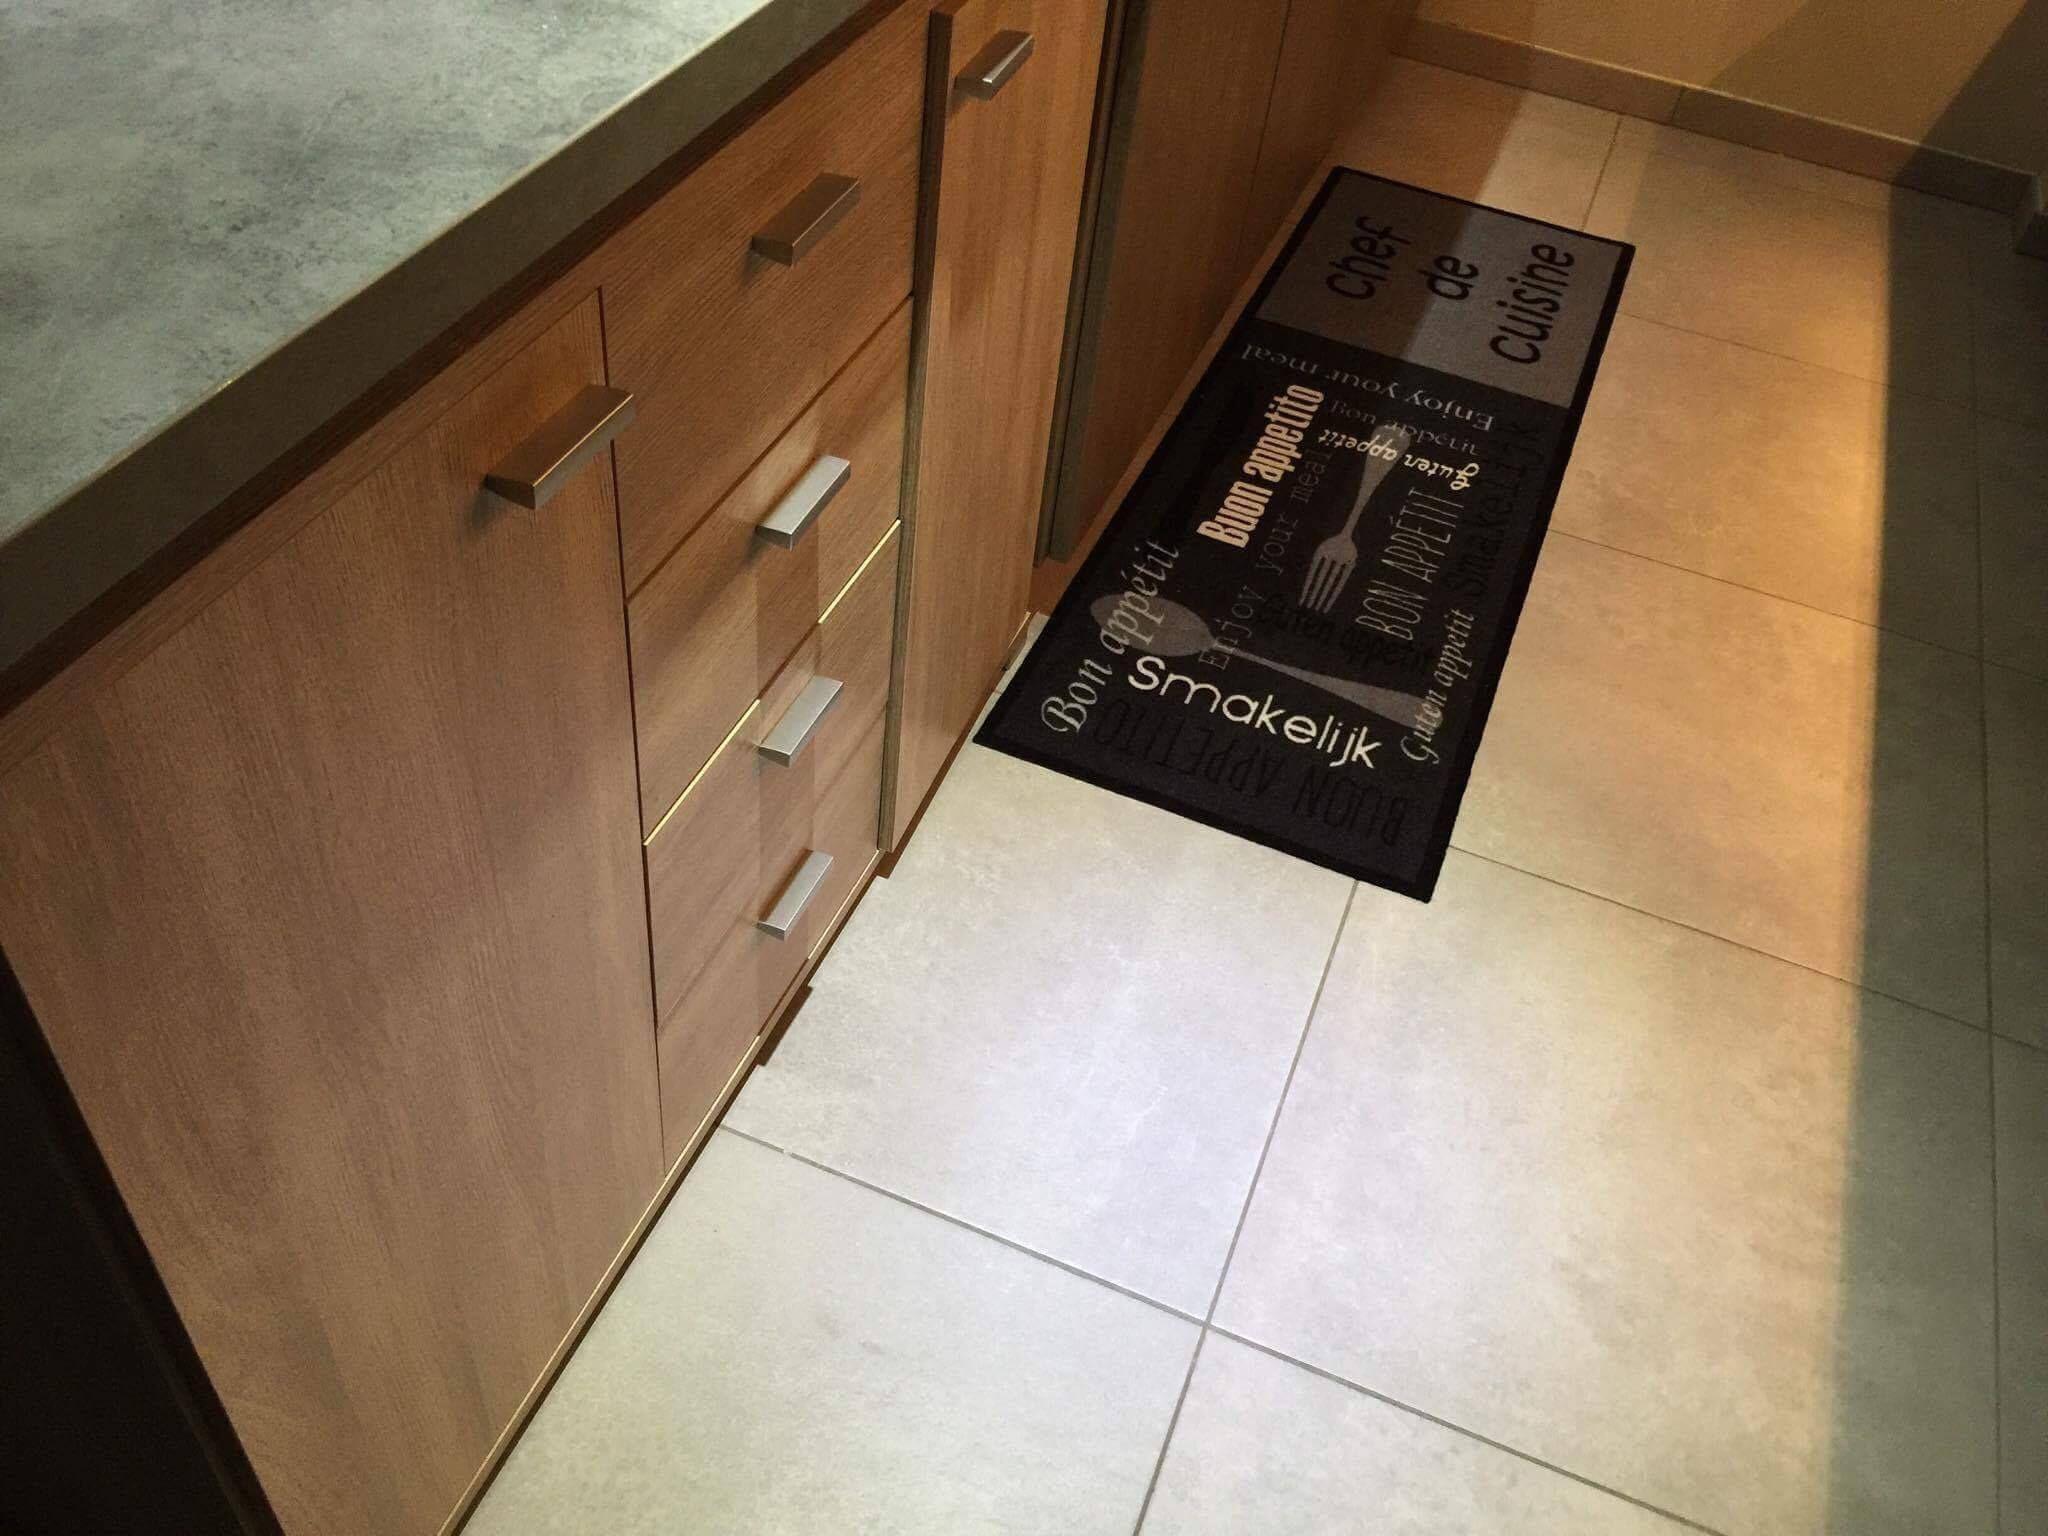 Keuken Wandkast 6 : Kast #luna 6 ingewerkt in keuken. samen met een bijpassende